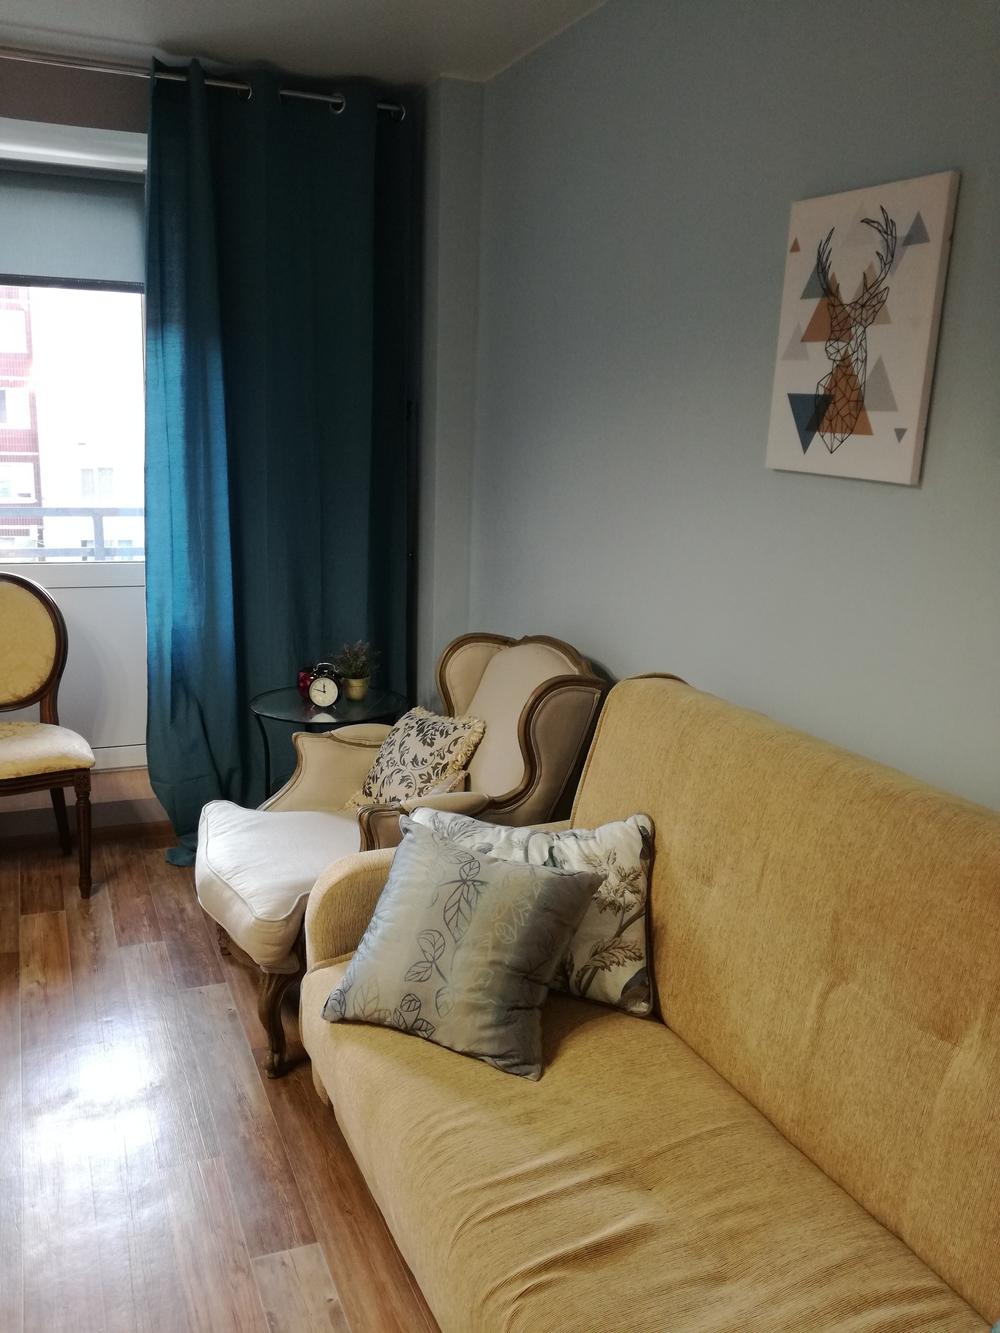 Продам 1-комнатную квартиру в городе Саратов, на улице Блинова, 1, 5-этаж 10-этажного Кирпич дома, площадь: 51/18/10 м2